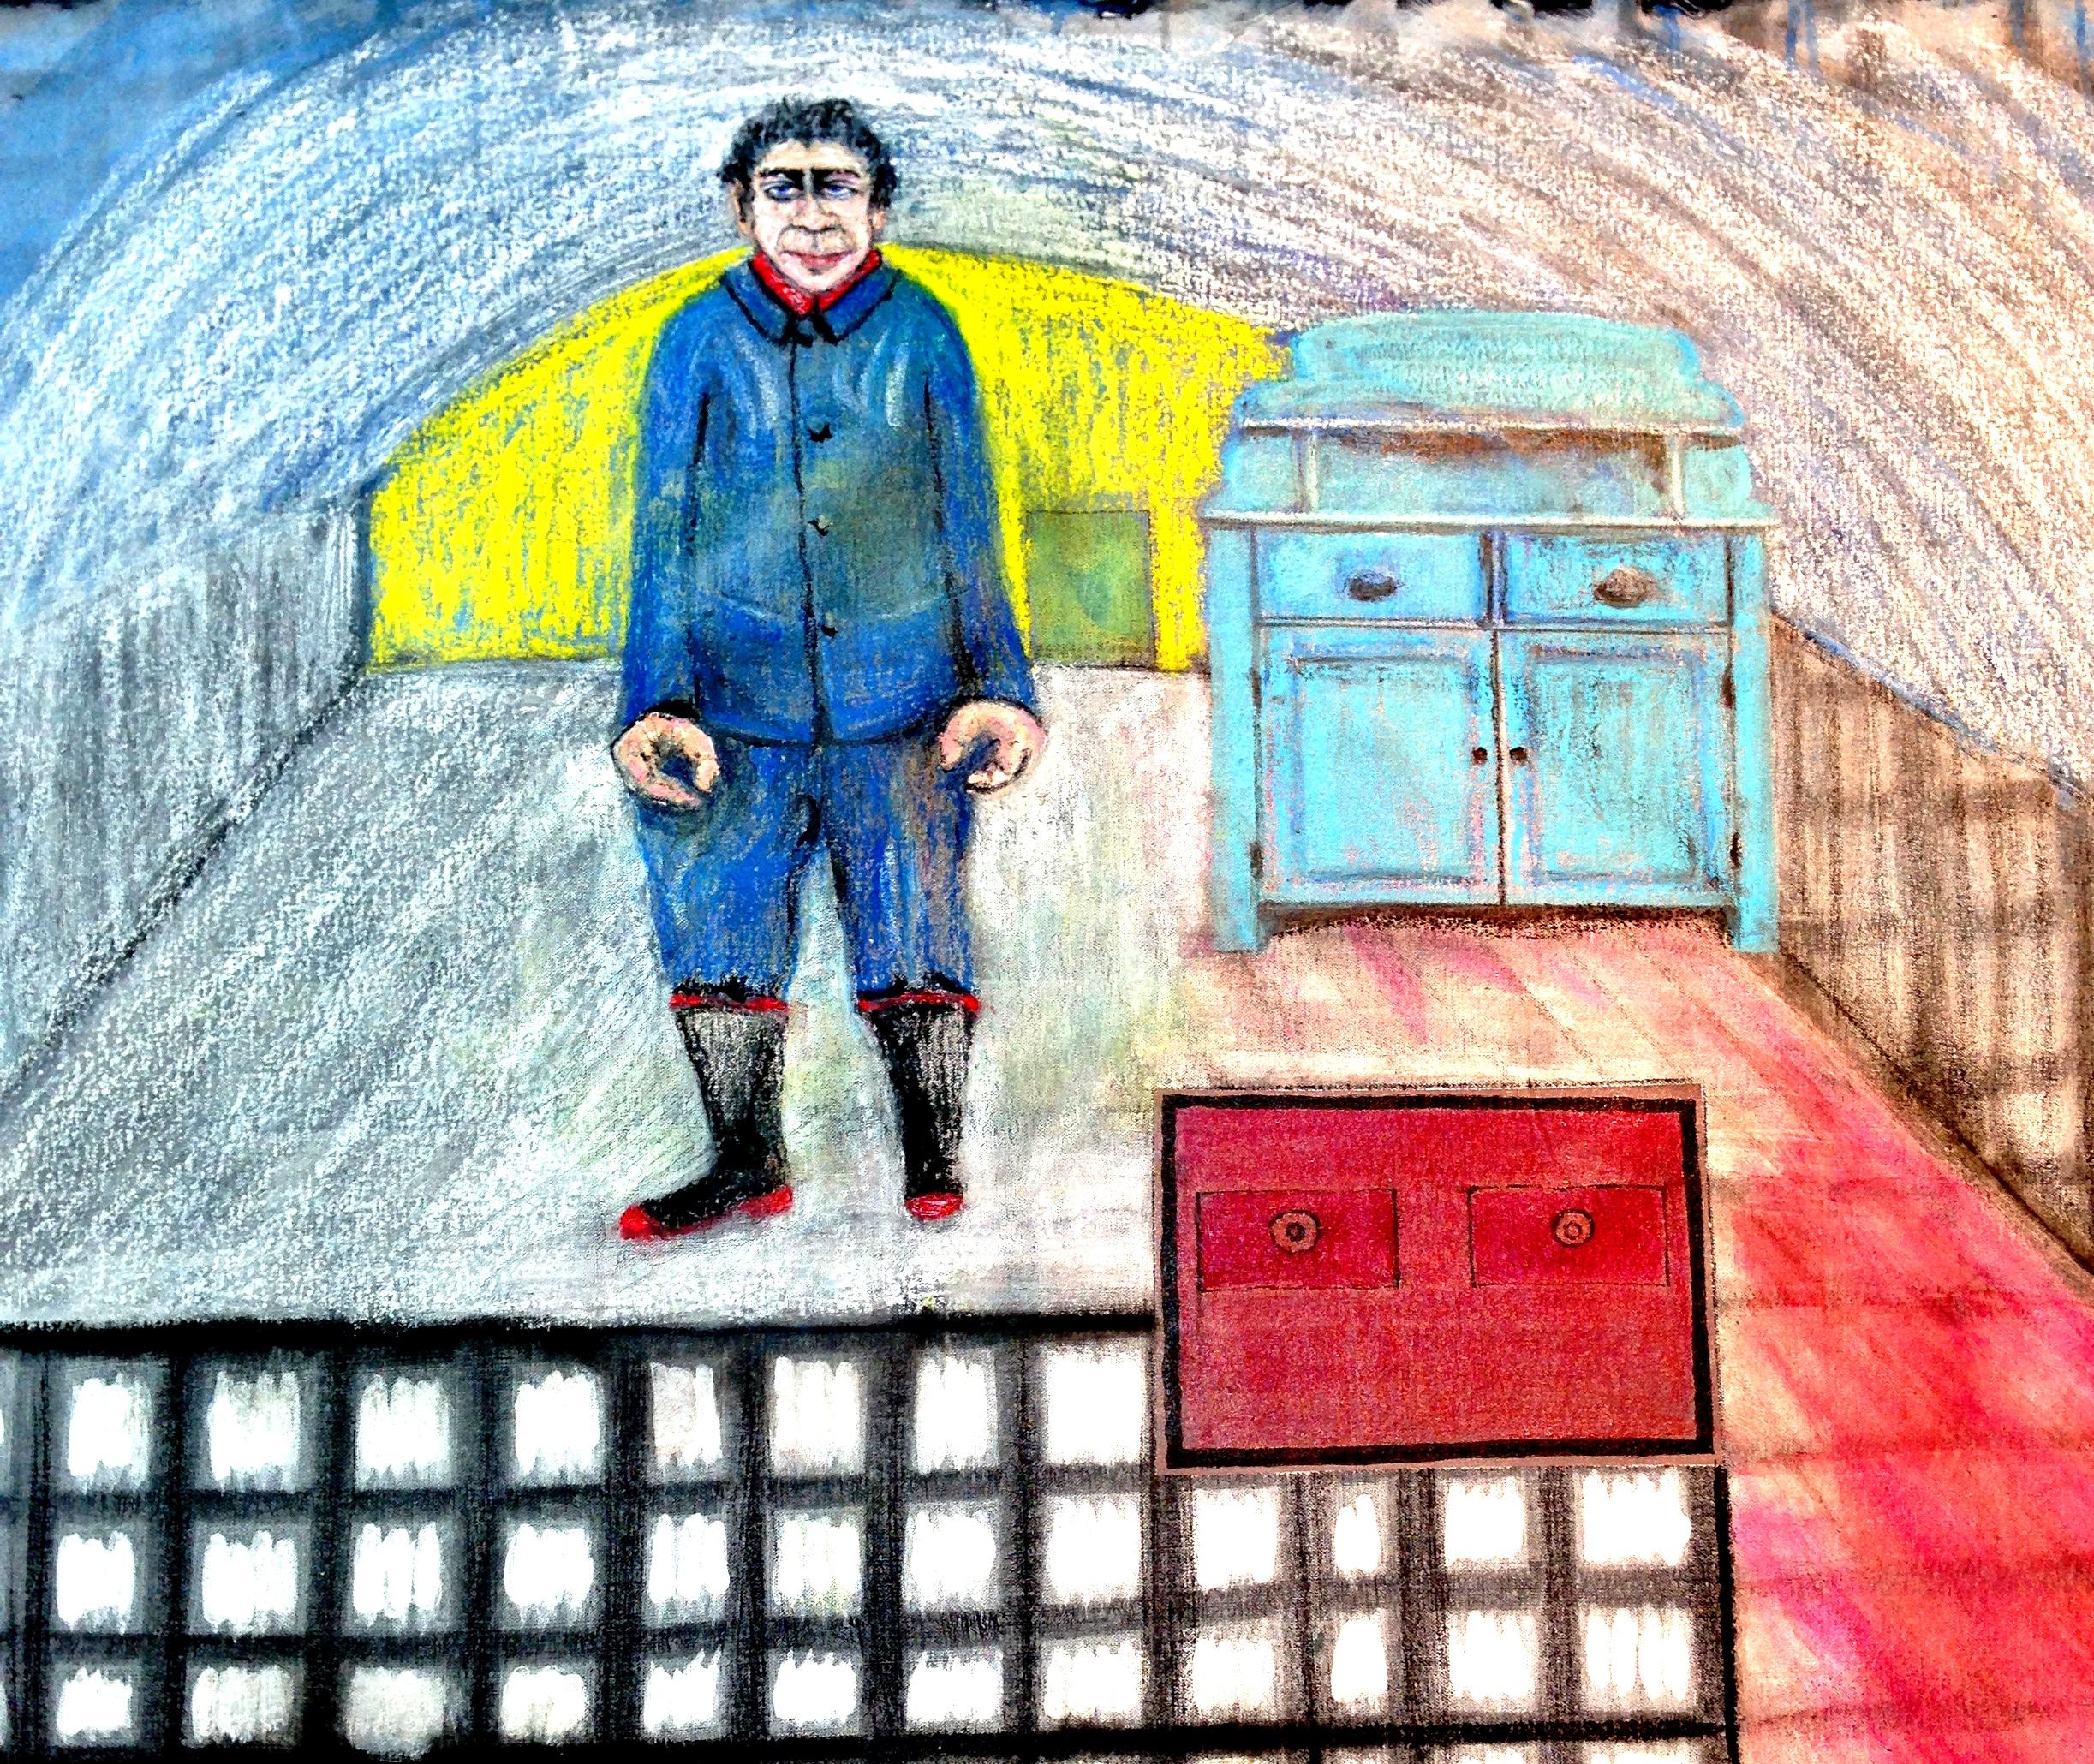 André Clouâtre, La maison d'Élysée, Acrylique et pastel à l'huile sur toile, 81x 81cm, (32'' x 32''), 2014